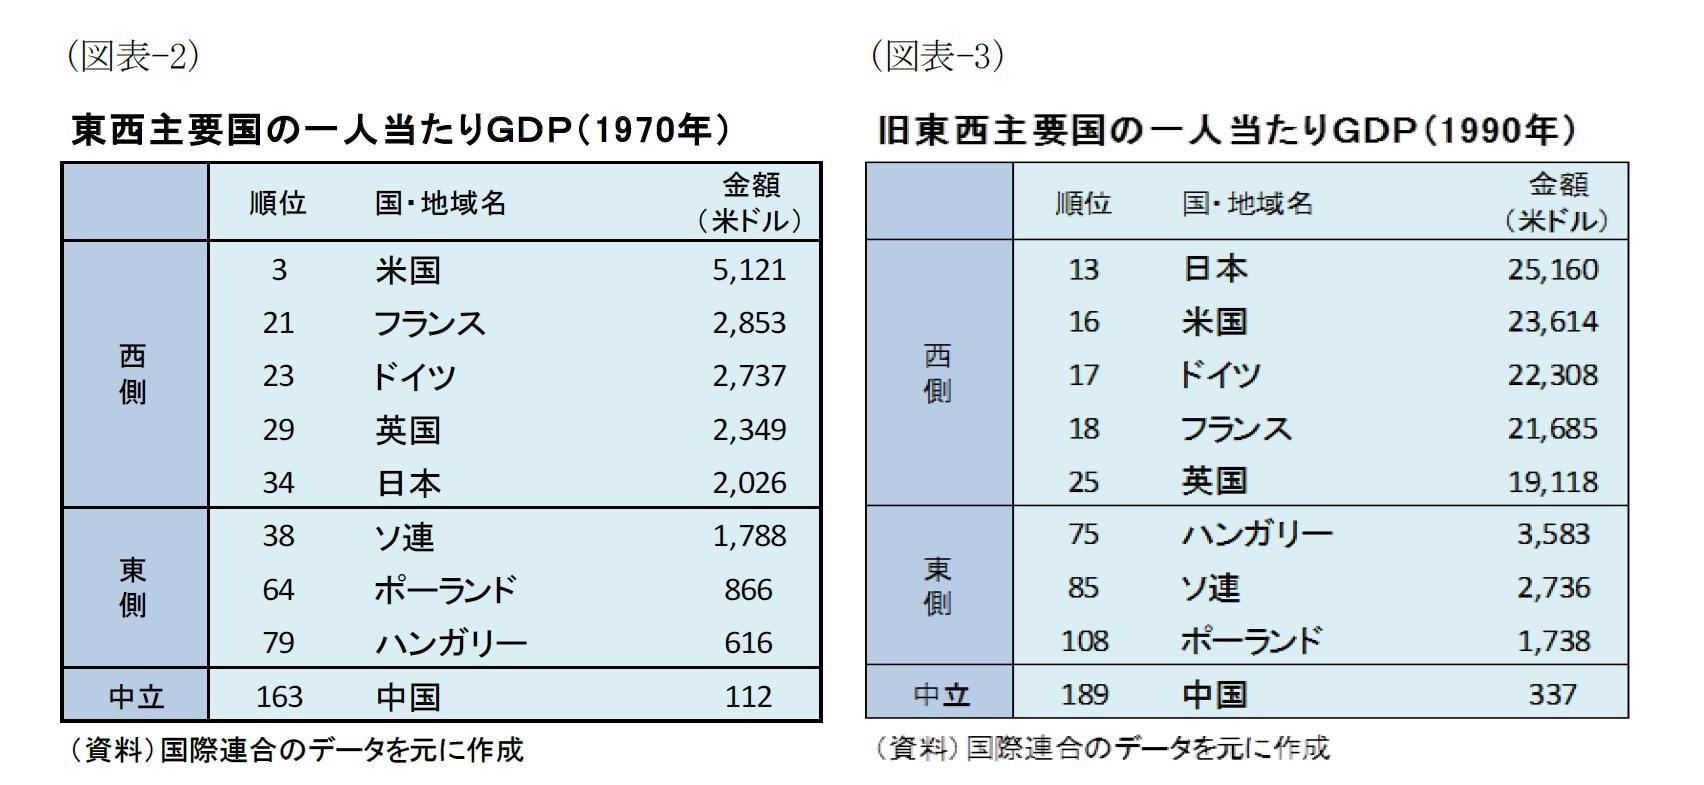 (図表-2)東西主要国の一人当たりGDP(1970年)/(図表-3)旧東西主要国の一人当たりGDP(1990年)